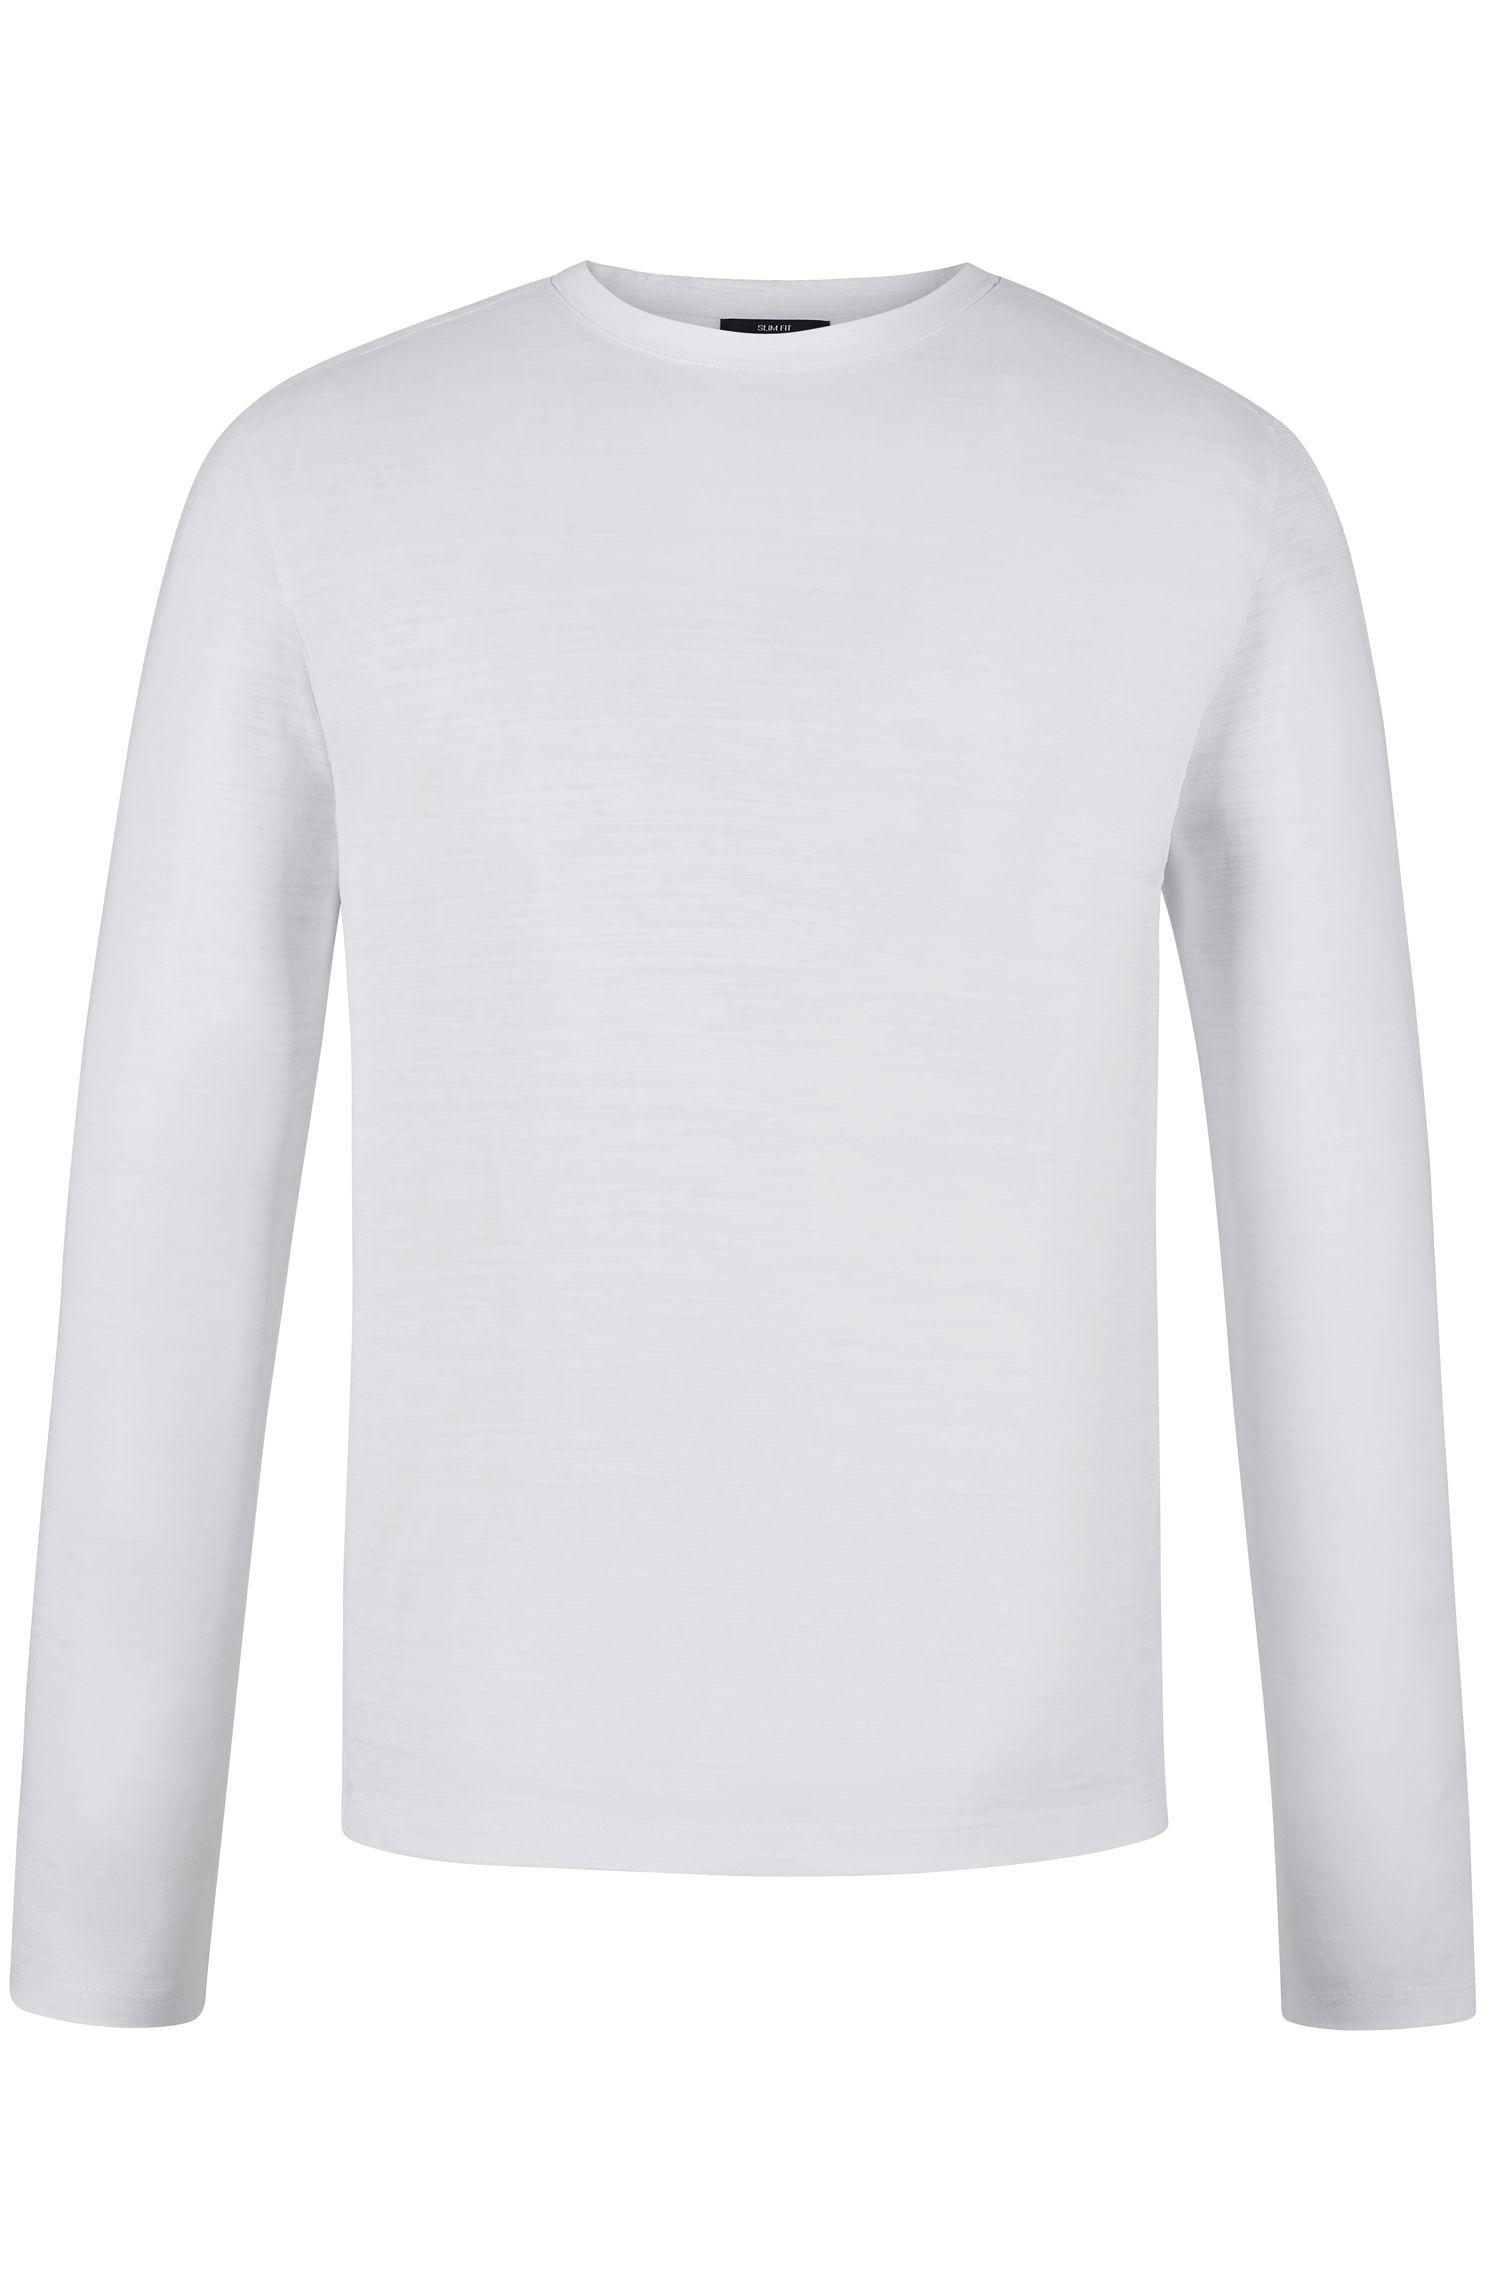 Cotton T-Shirt | Tenison